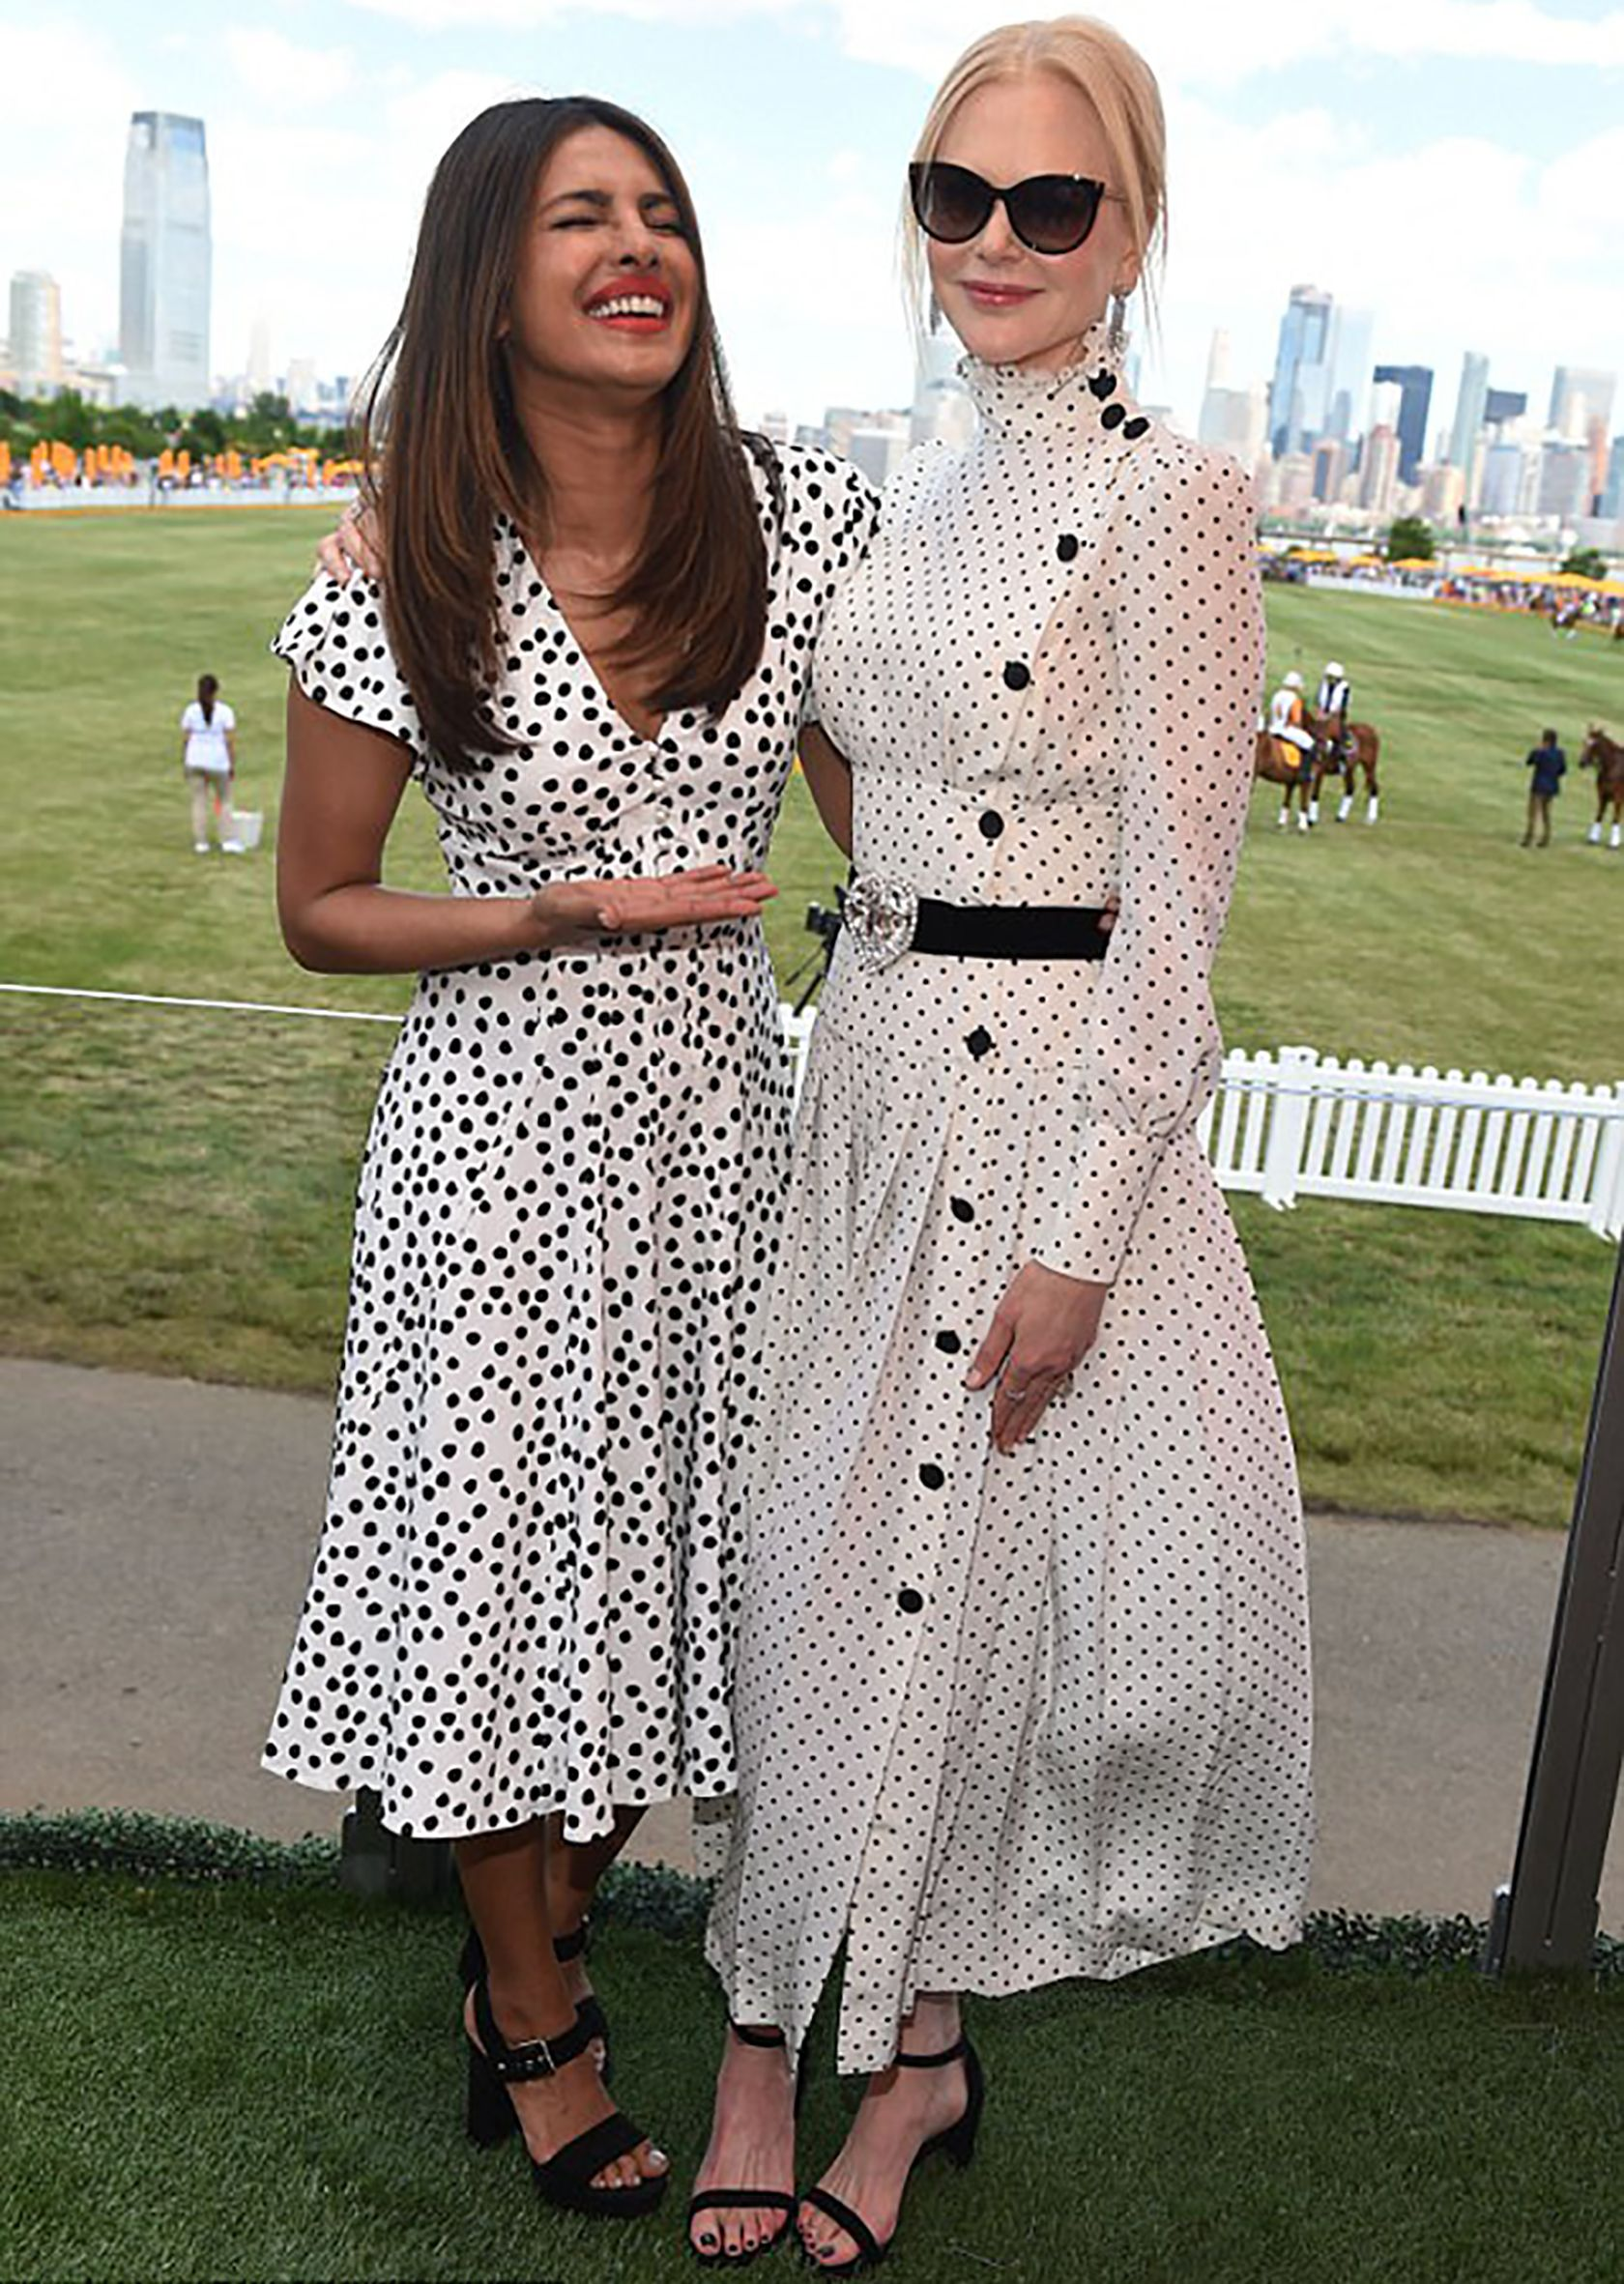 Nicole Kidman és Priyanka Chopra tudja mi még a tuti: a PÖTTYÖK!